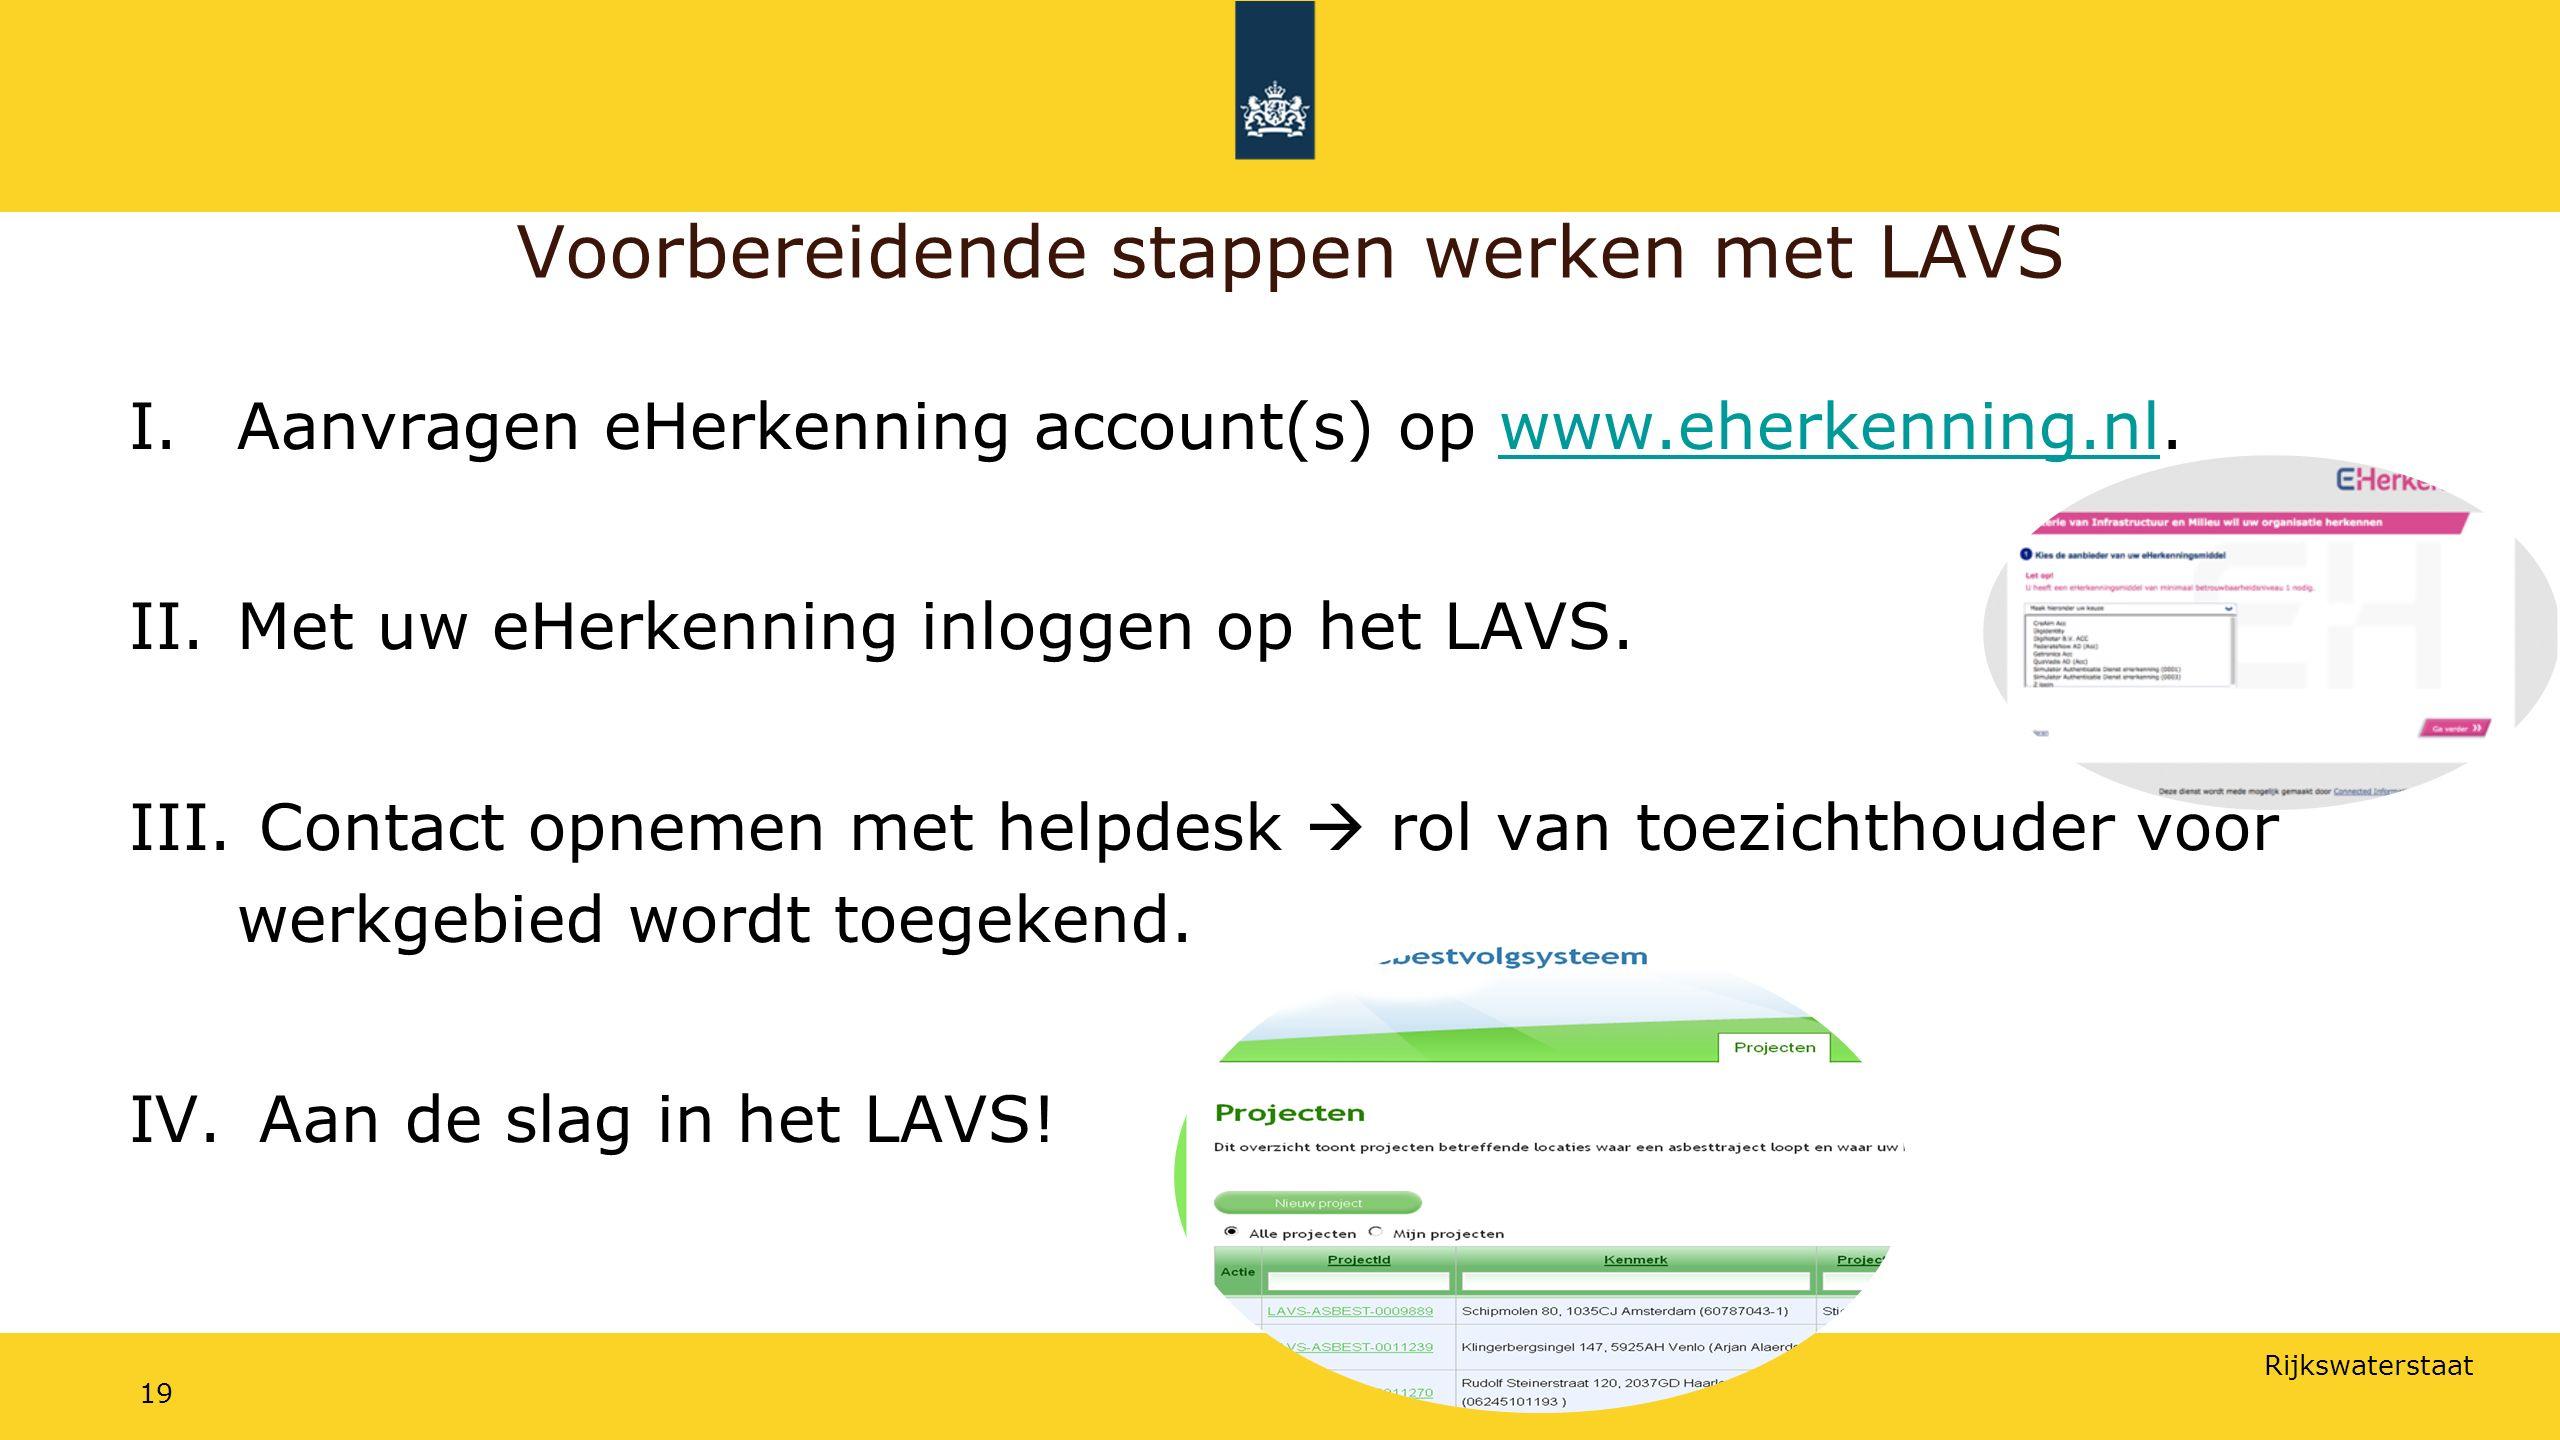 Rijkswaterstaat 19 Voorbereidende stappen werken met LAVS I.Aanvragen eHerkenning account(s) op www.eherkenning.nl.www.eherkenning.nl II.Met uw eHerkenning inloggen op het LAVS.